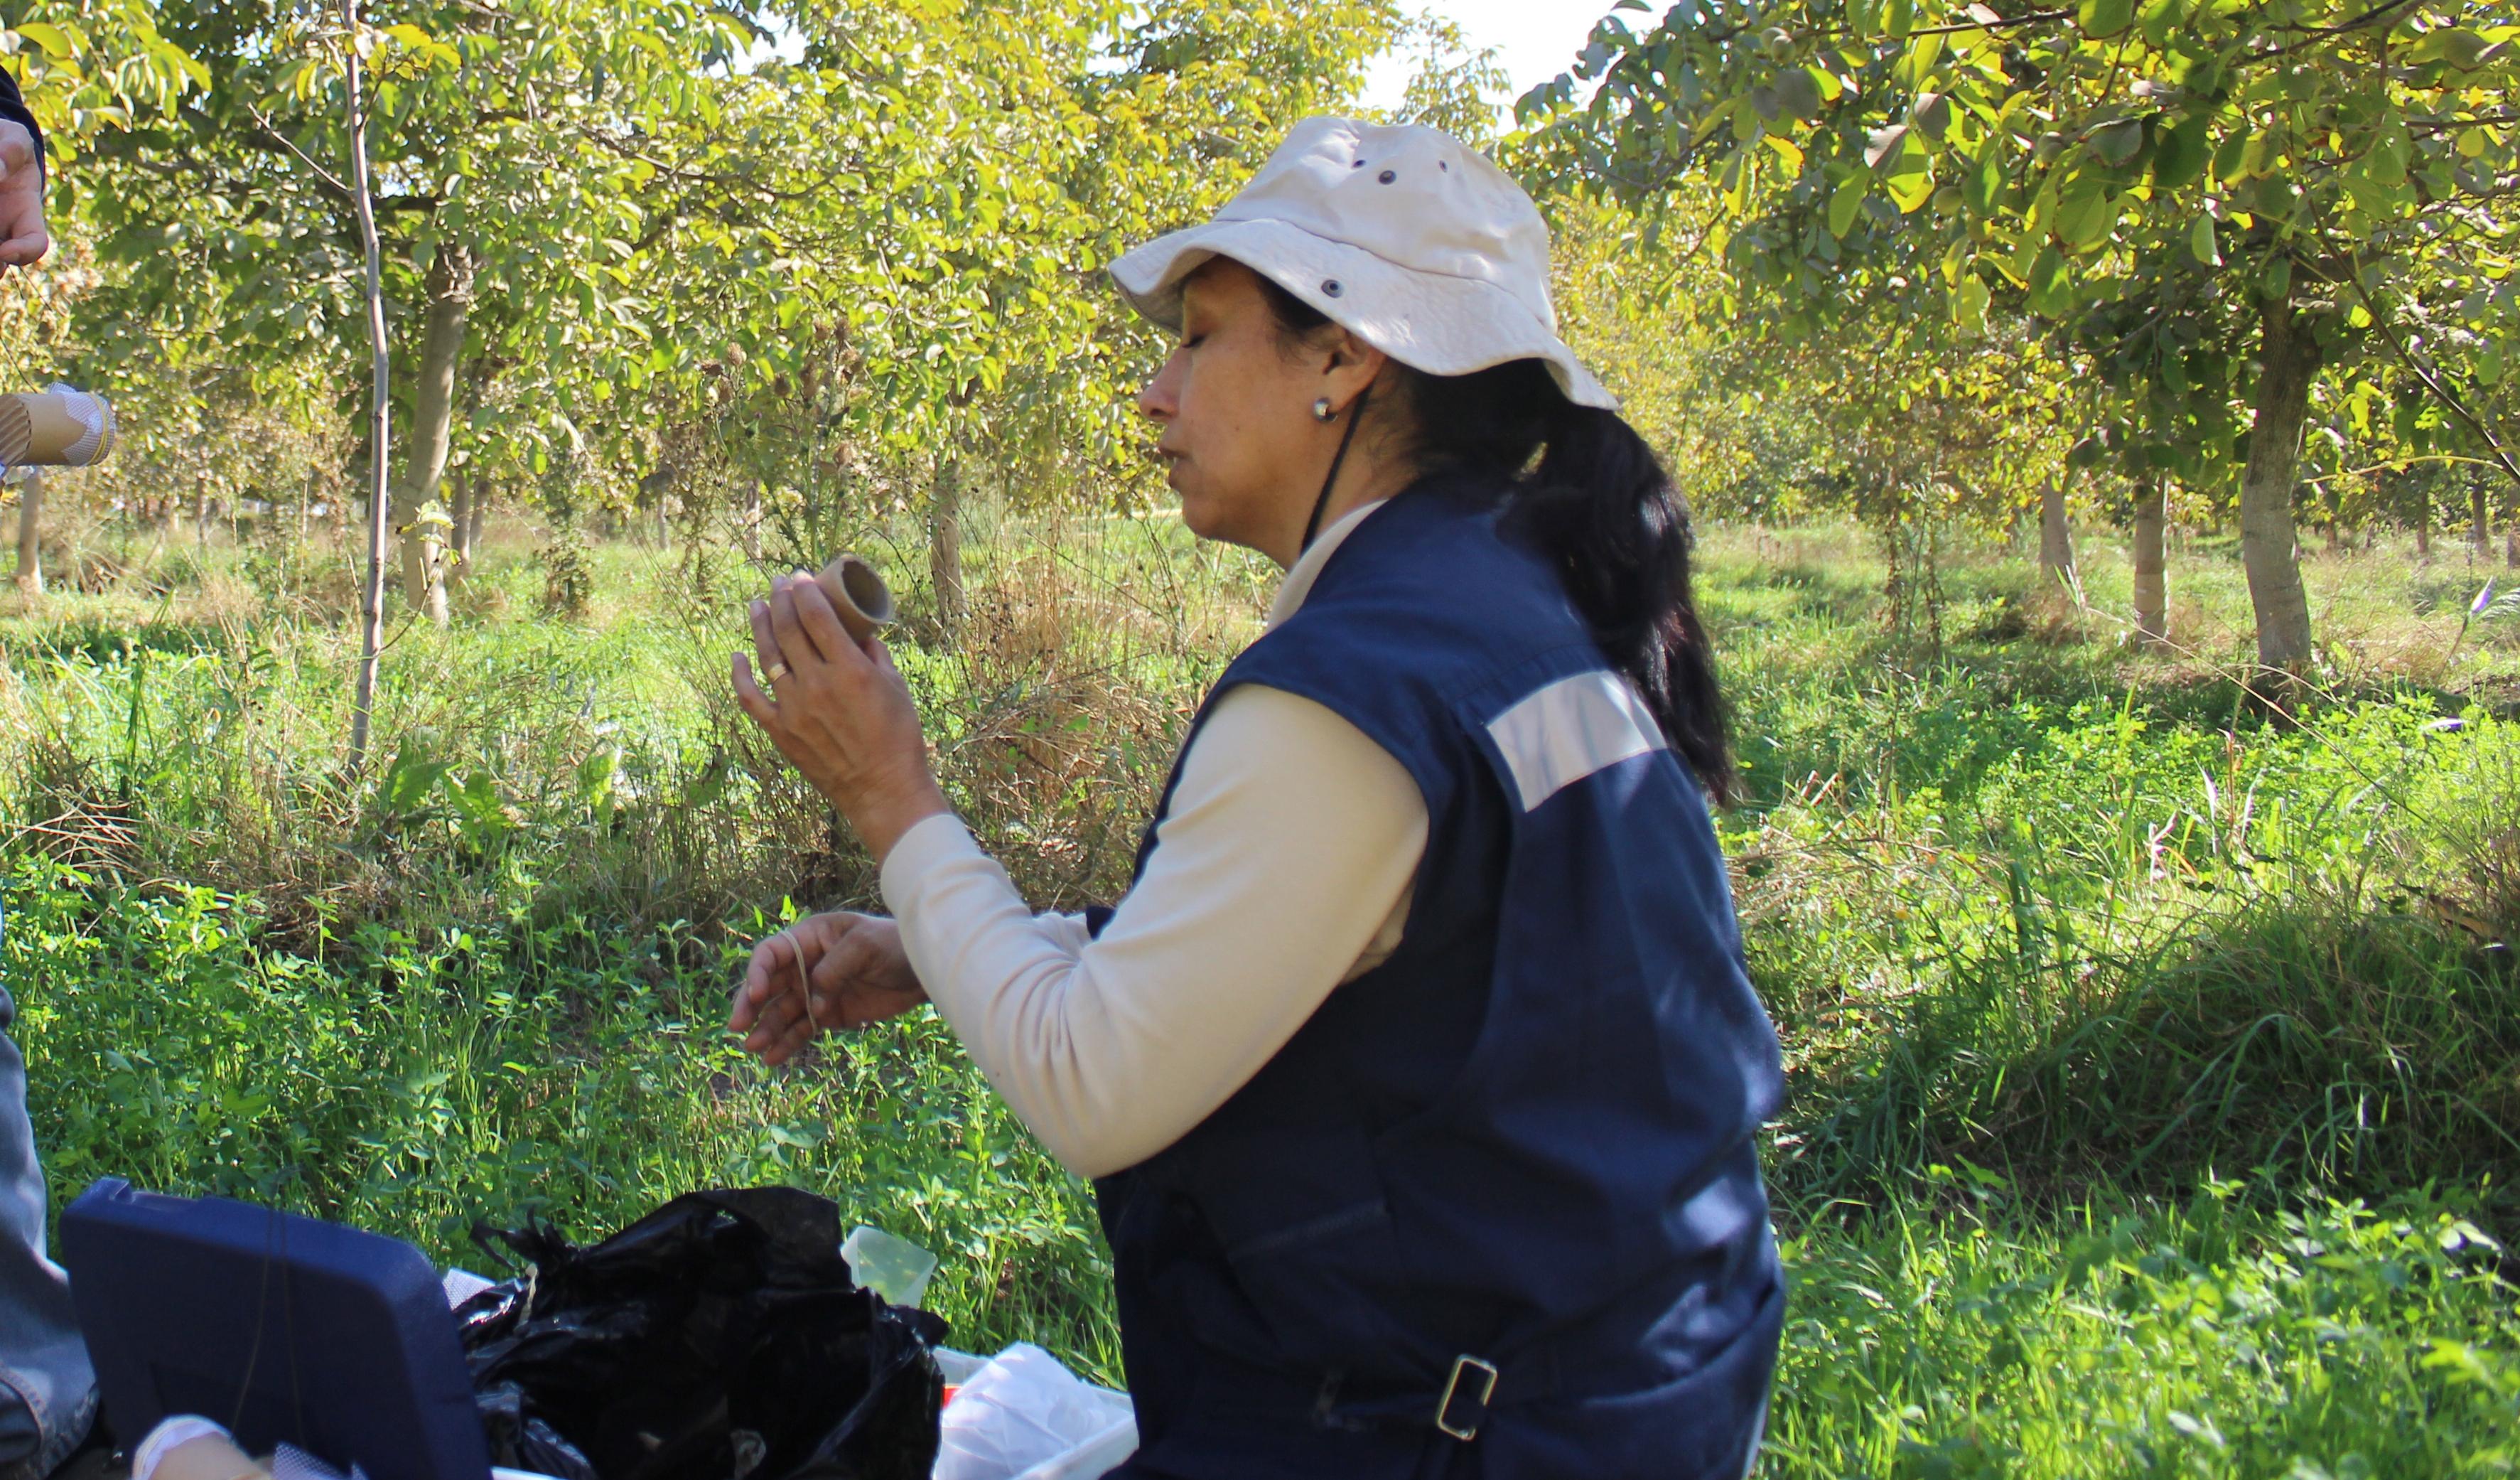 Liberan controlador biológico de polillas en huertos de producción orgánica de nogales